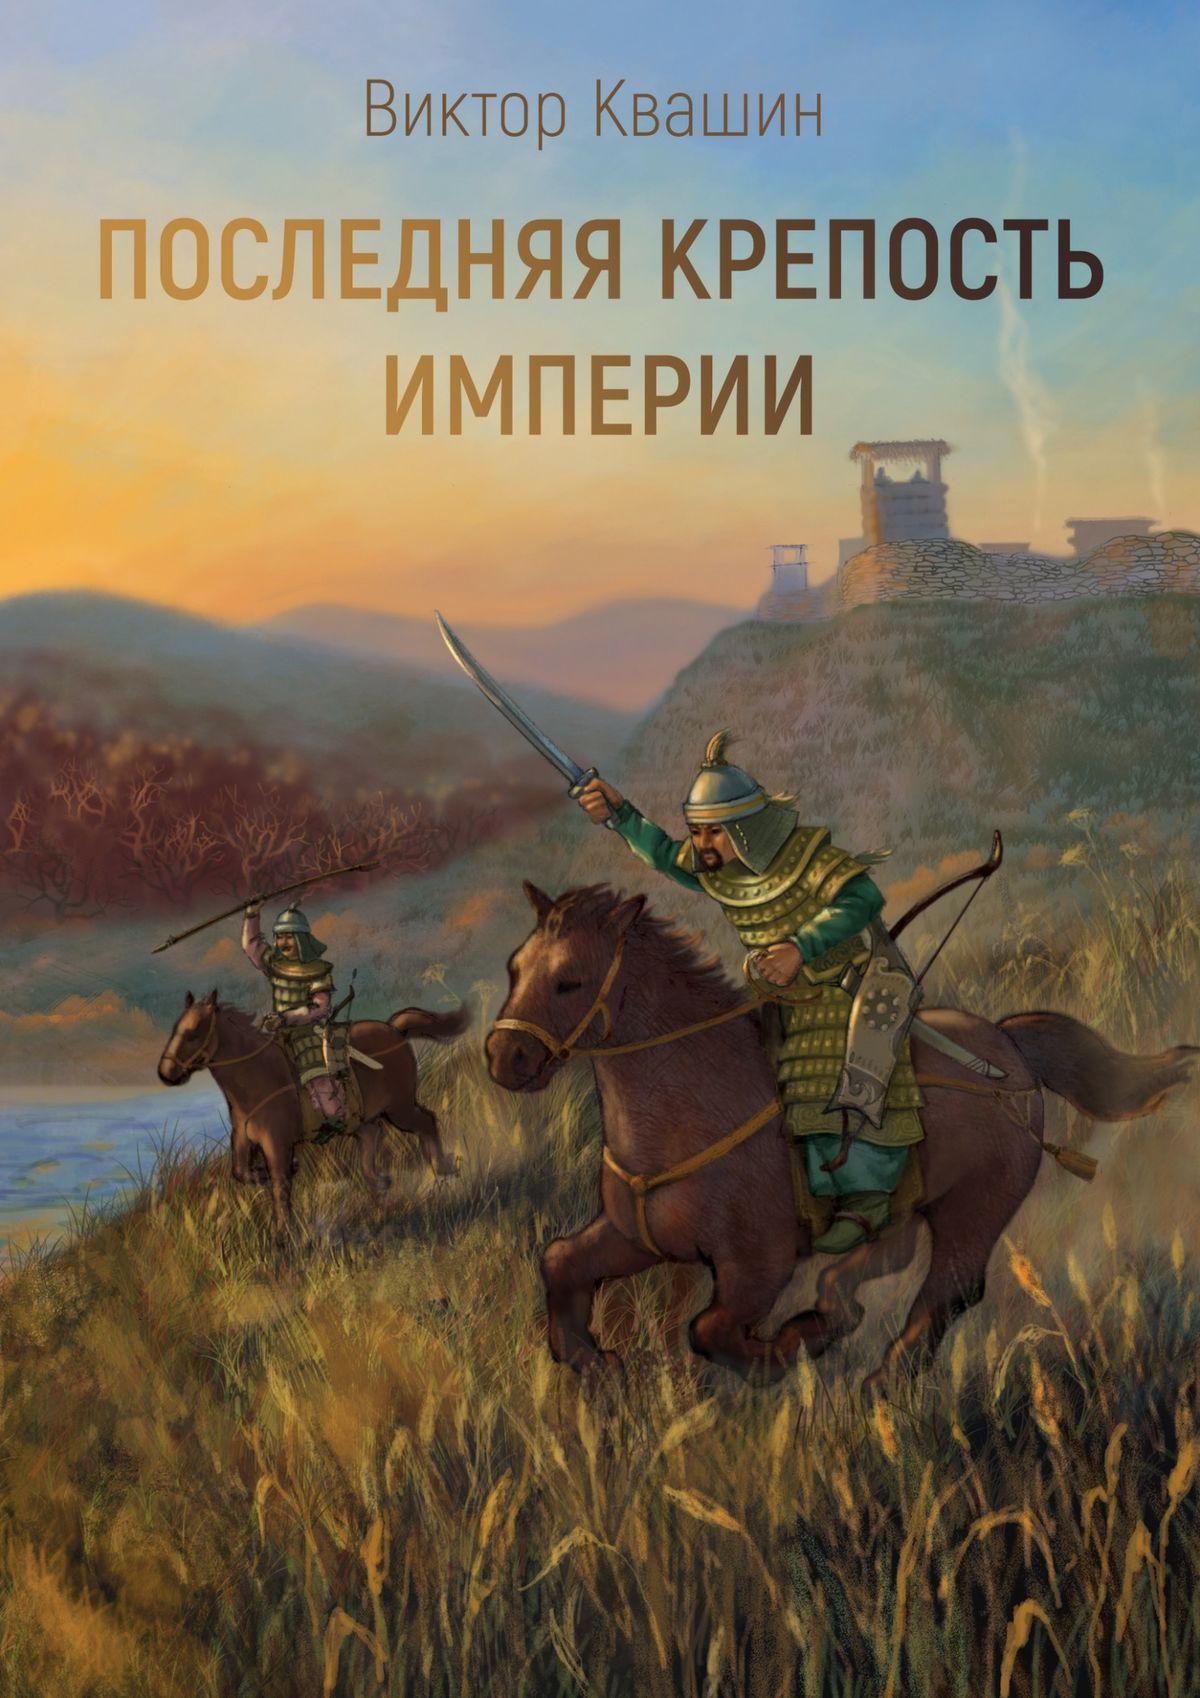 Виктор Квашин Последняя крепость империи. Легко сокрушить великана виктор квашин последняя крепость империи легко сокрушить великана